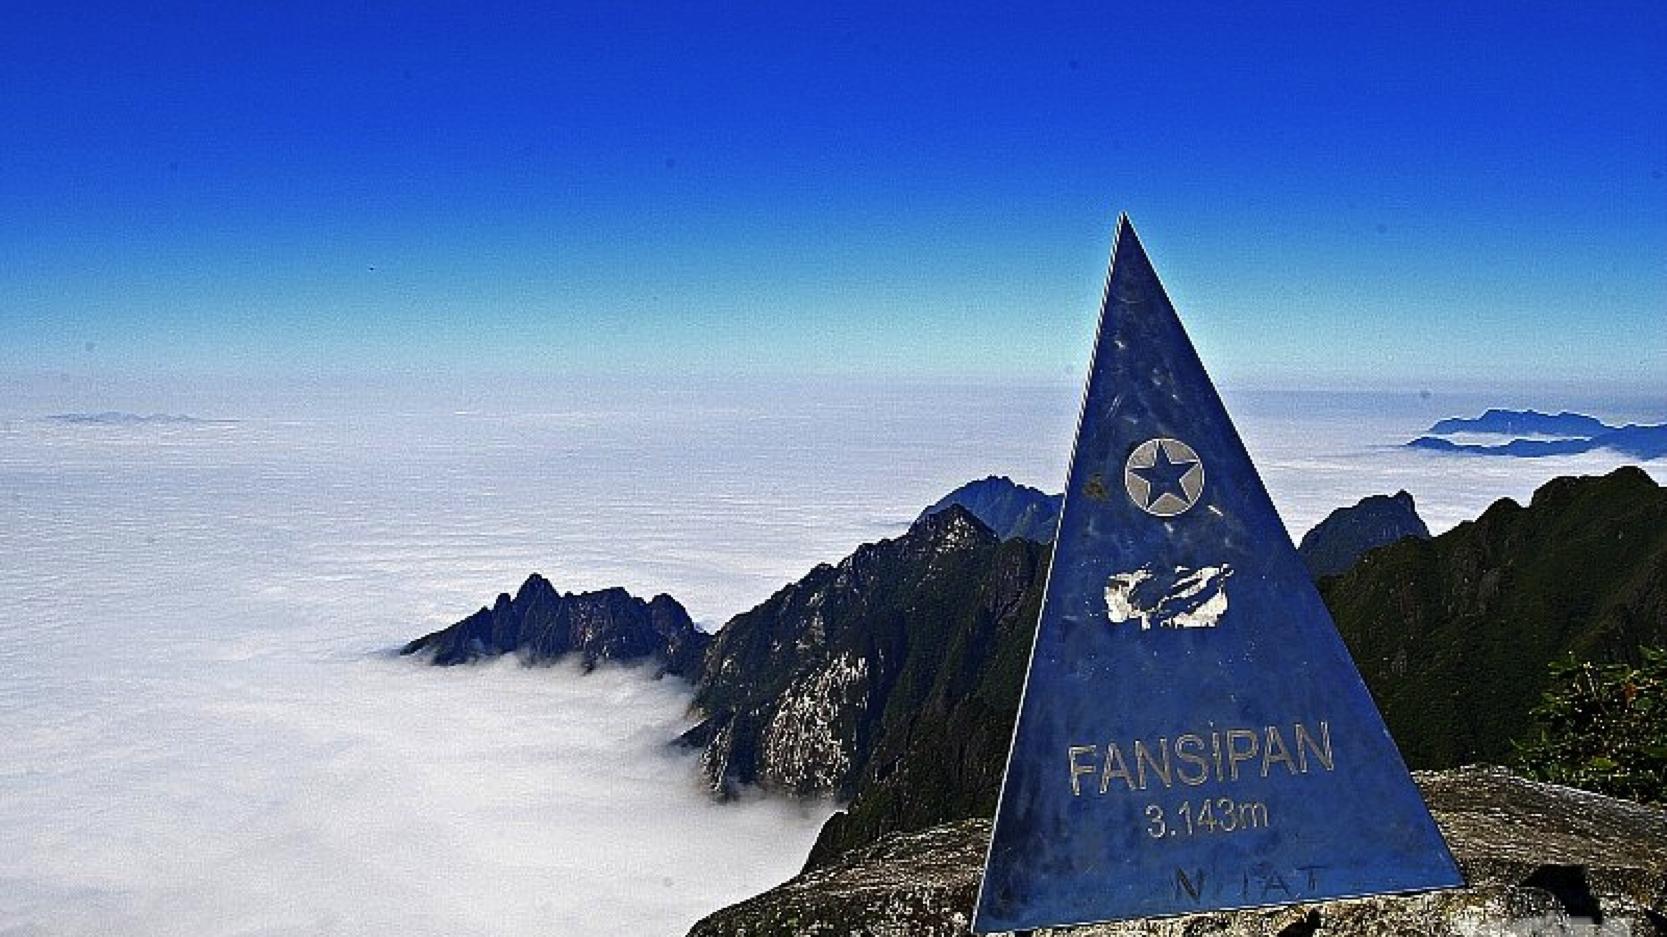 Đỉnh Fansipan - nóc nhà Đông Dương trên dãy Hoàng Liên Sơn